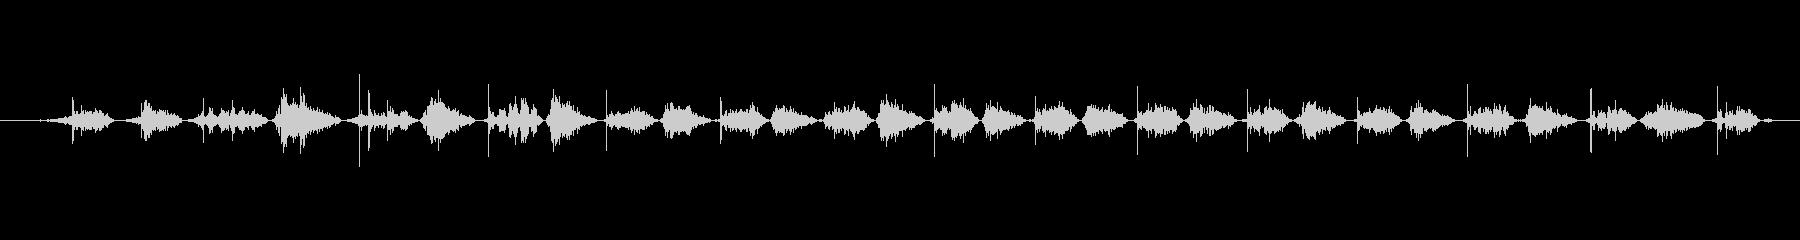 犬 パグパンツ02の未再生の波形